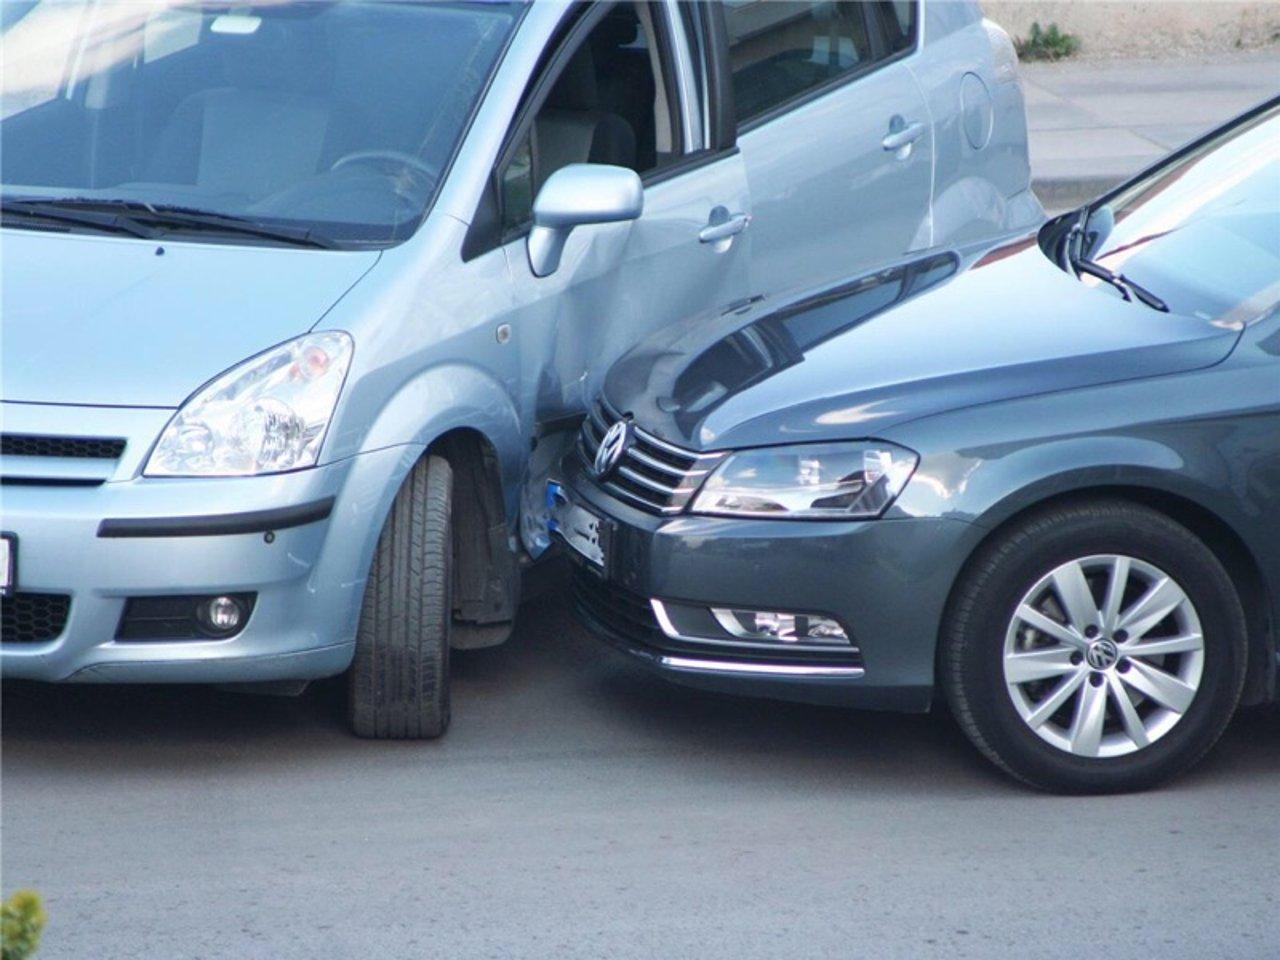 爱车被撞,如何快速向保险公司索赔 | 附索取他们不愿告诉你的一项赔偿!